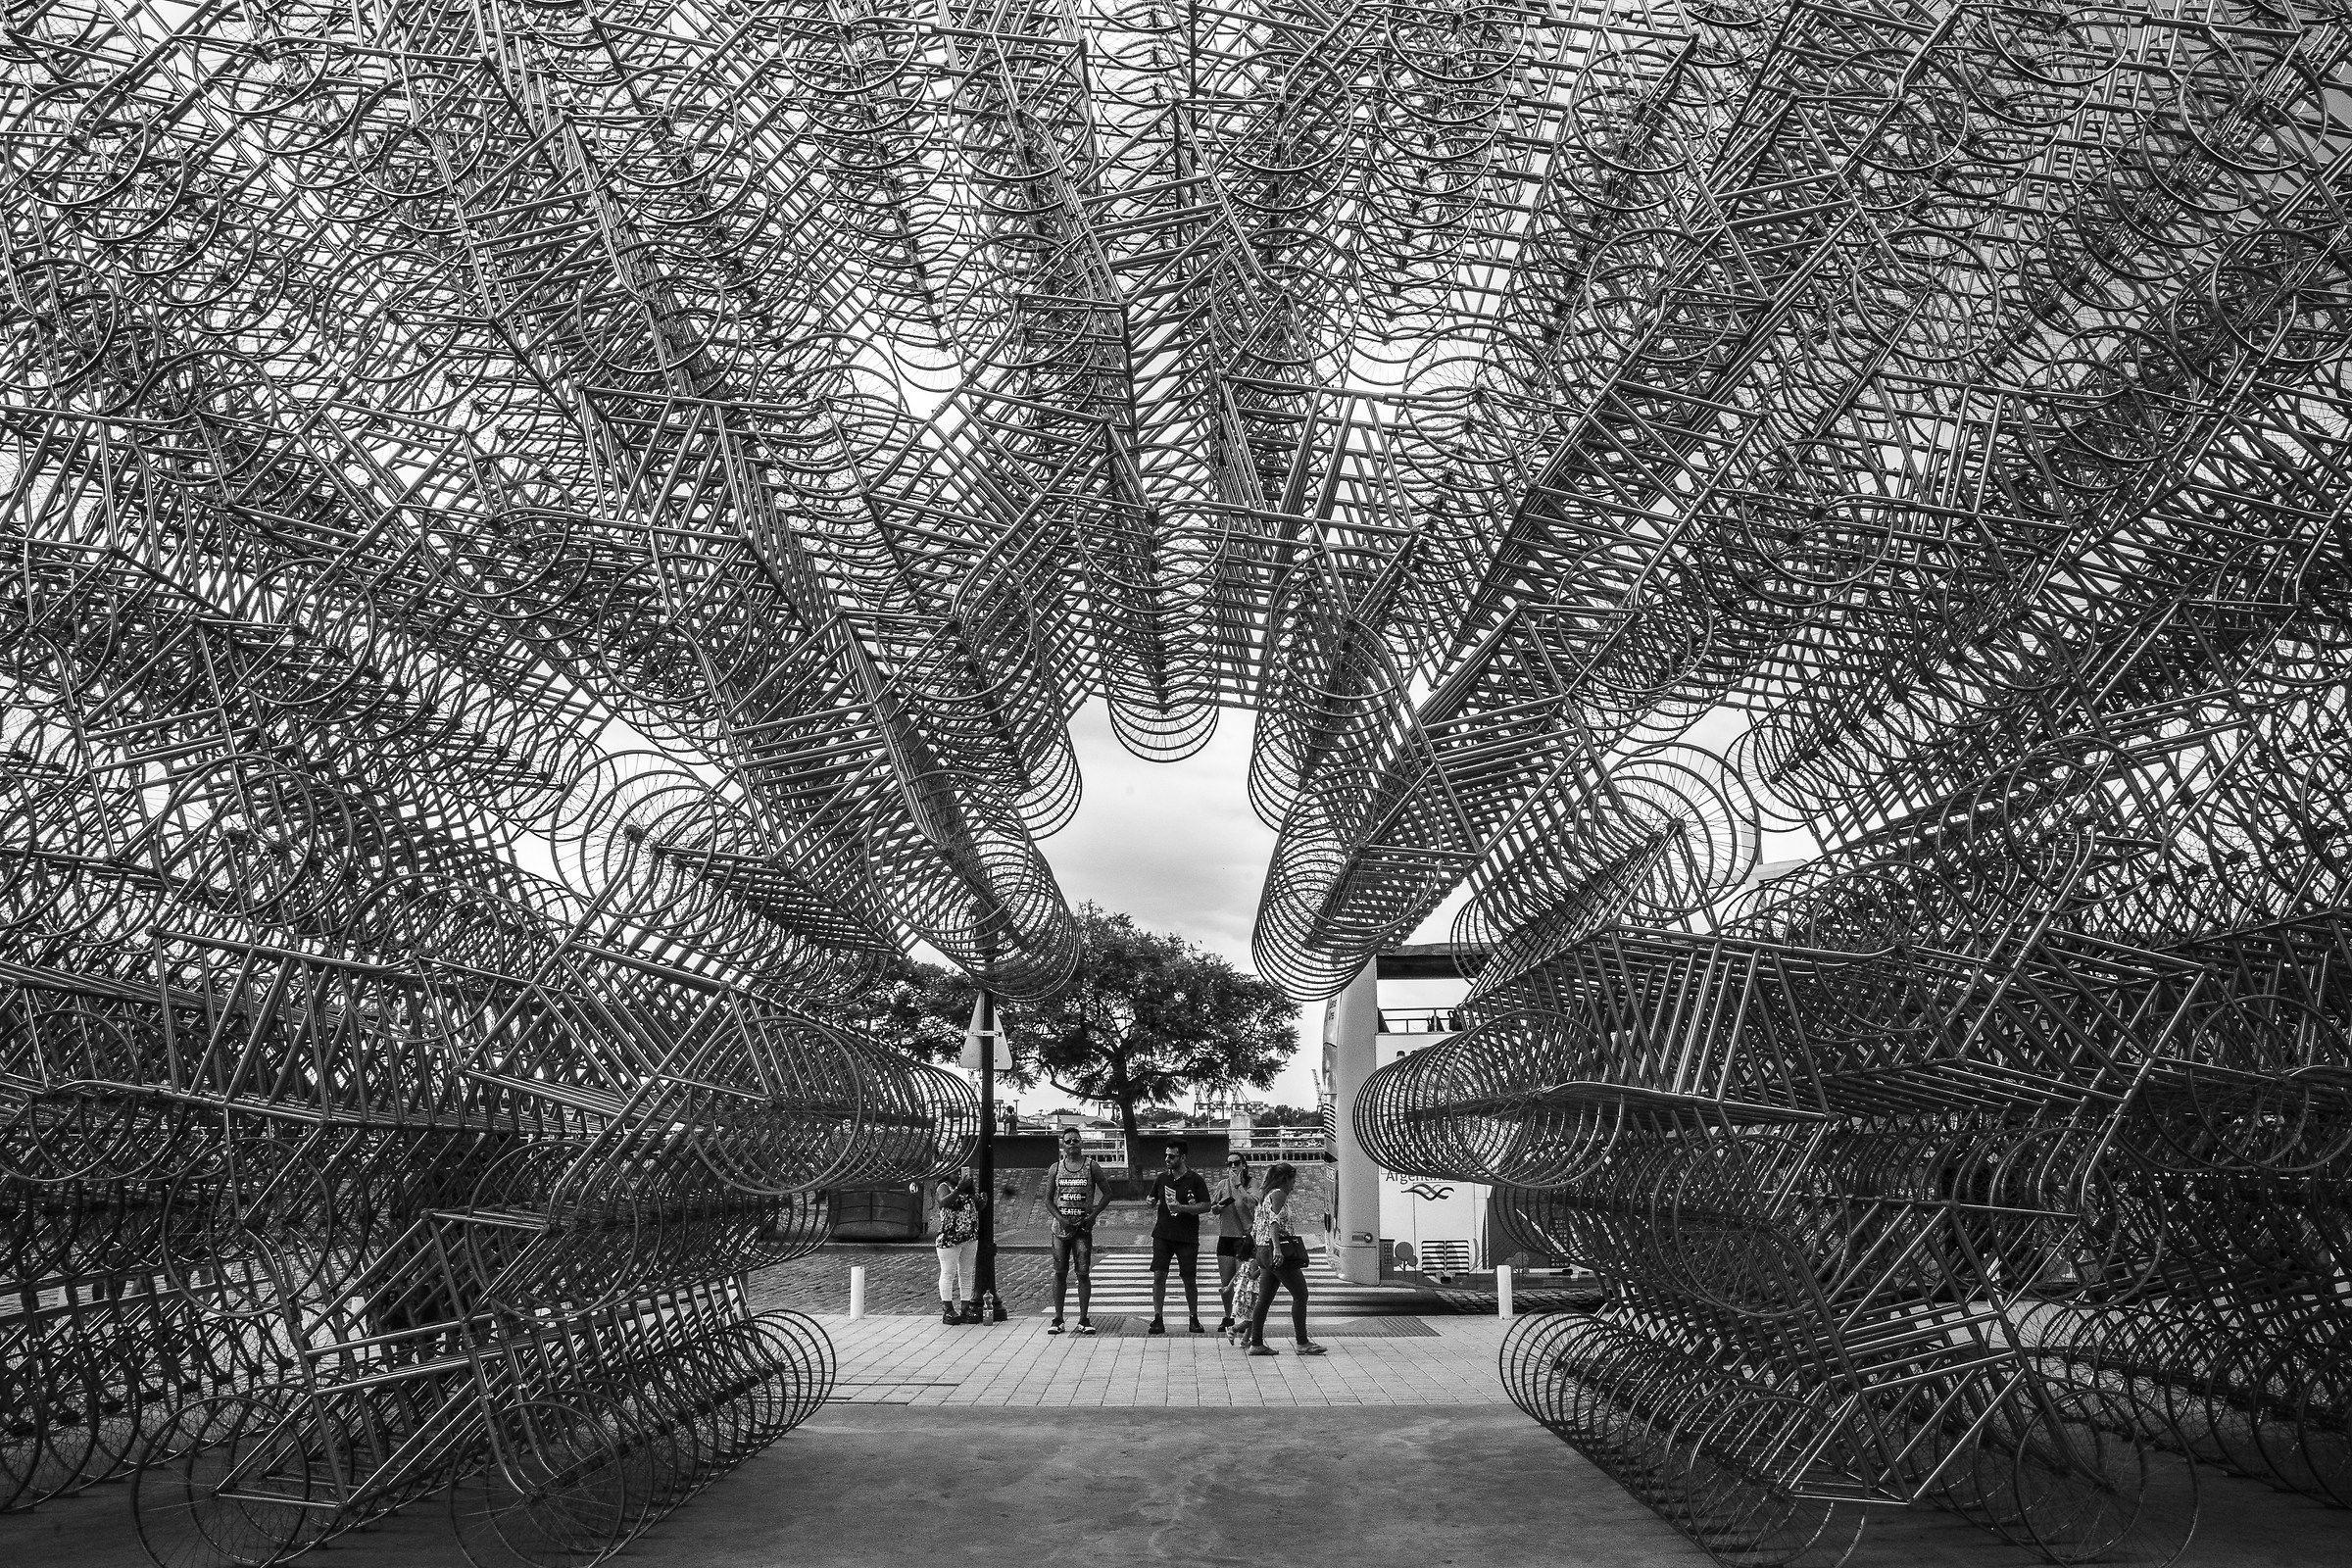 Tutti in bici! Ai Weiwei, istallazione, Buenos Aires...